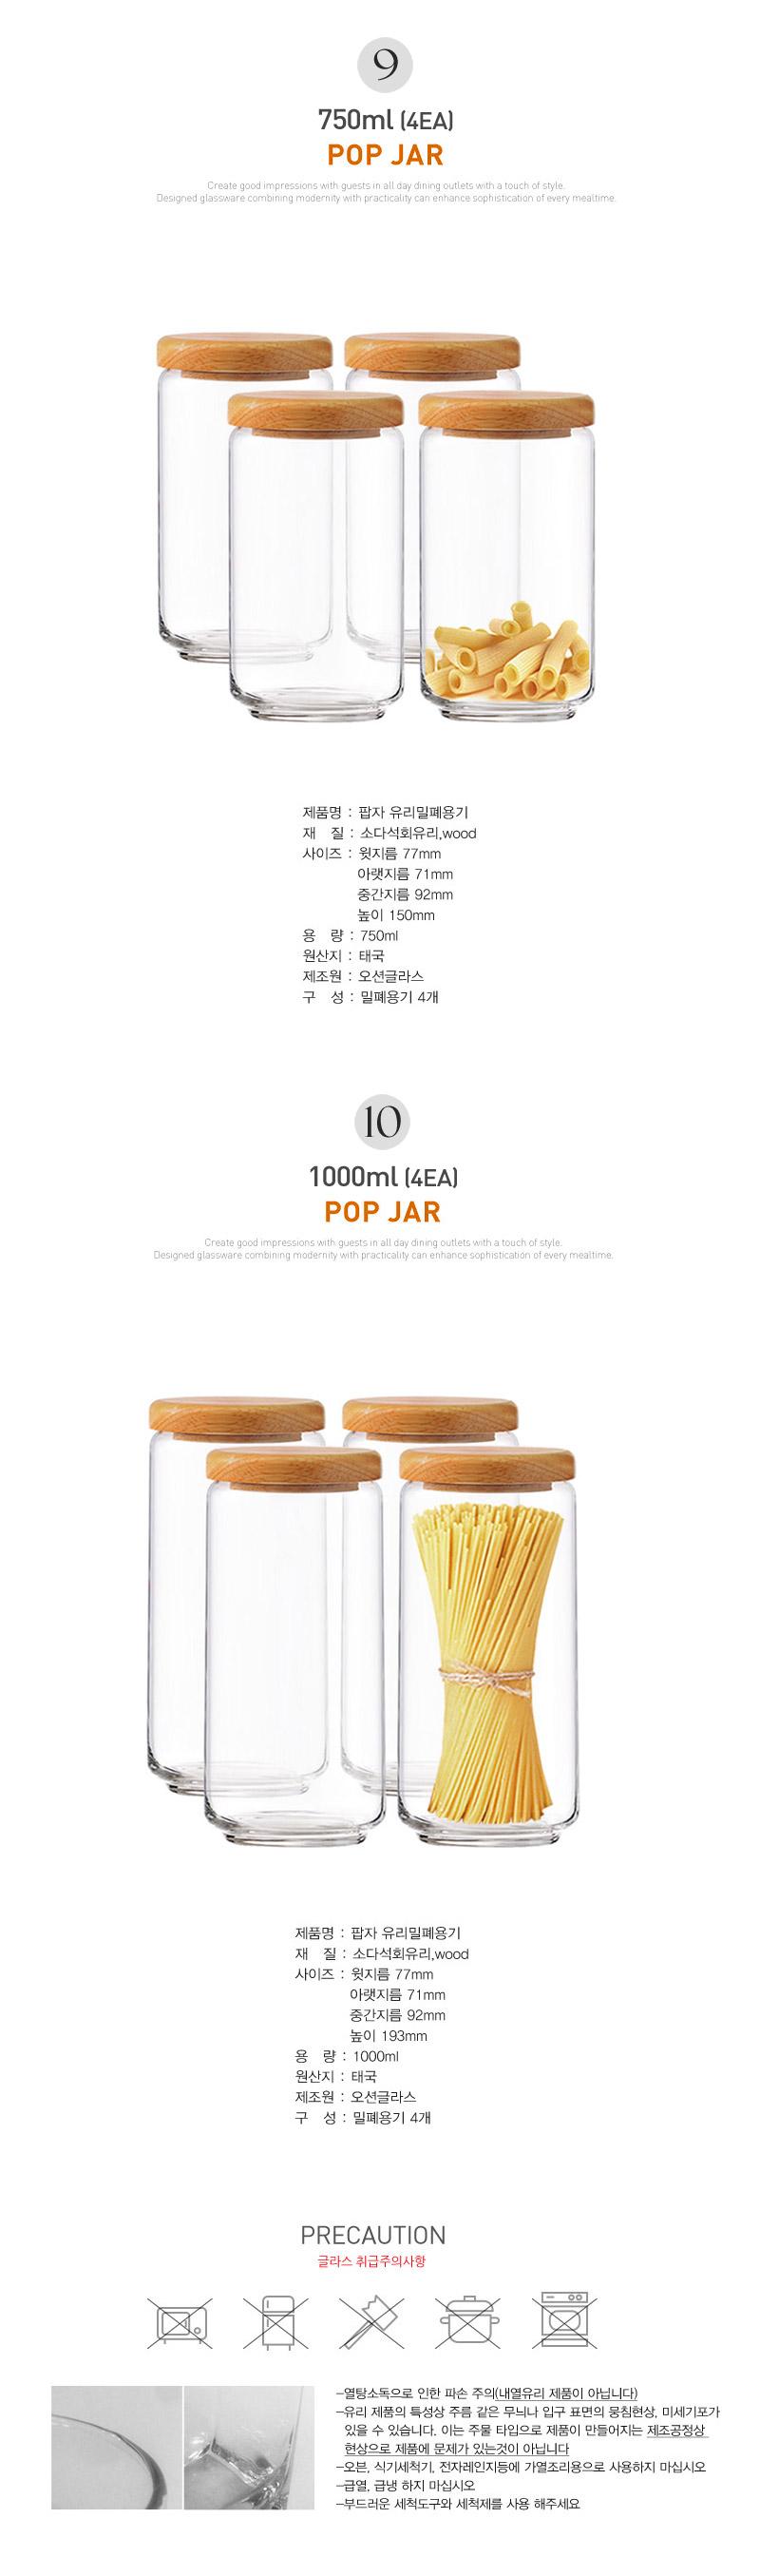 오션글라스 팝자 유리밀폐용기(4개 세트) 모음 - 재미있는생활, 23,500원, 밀폐/보관용기, 반찬/밀폐용기